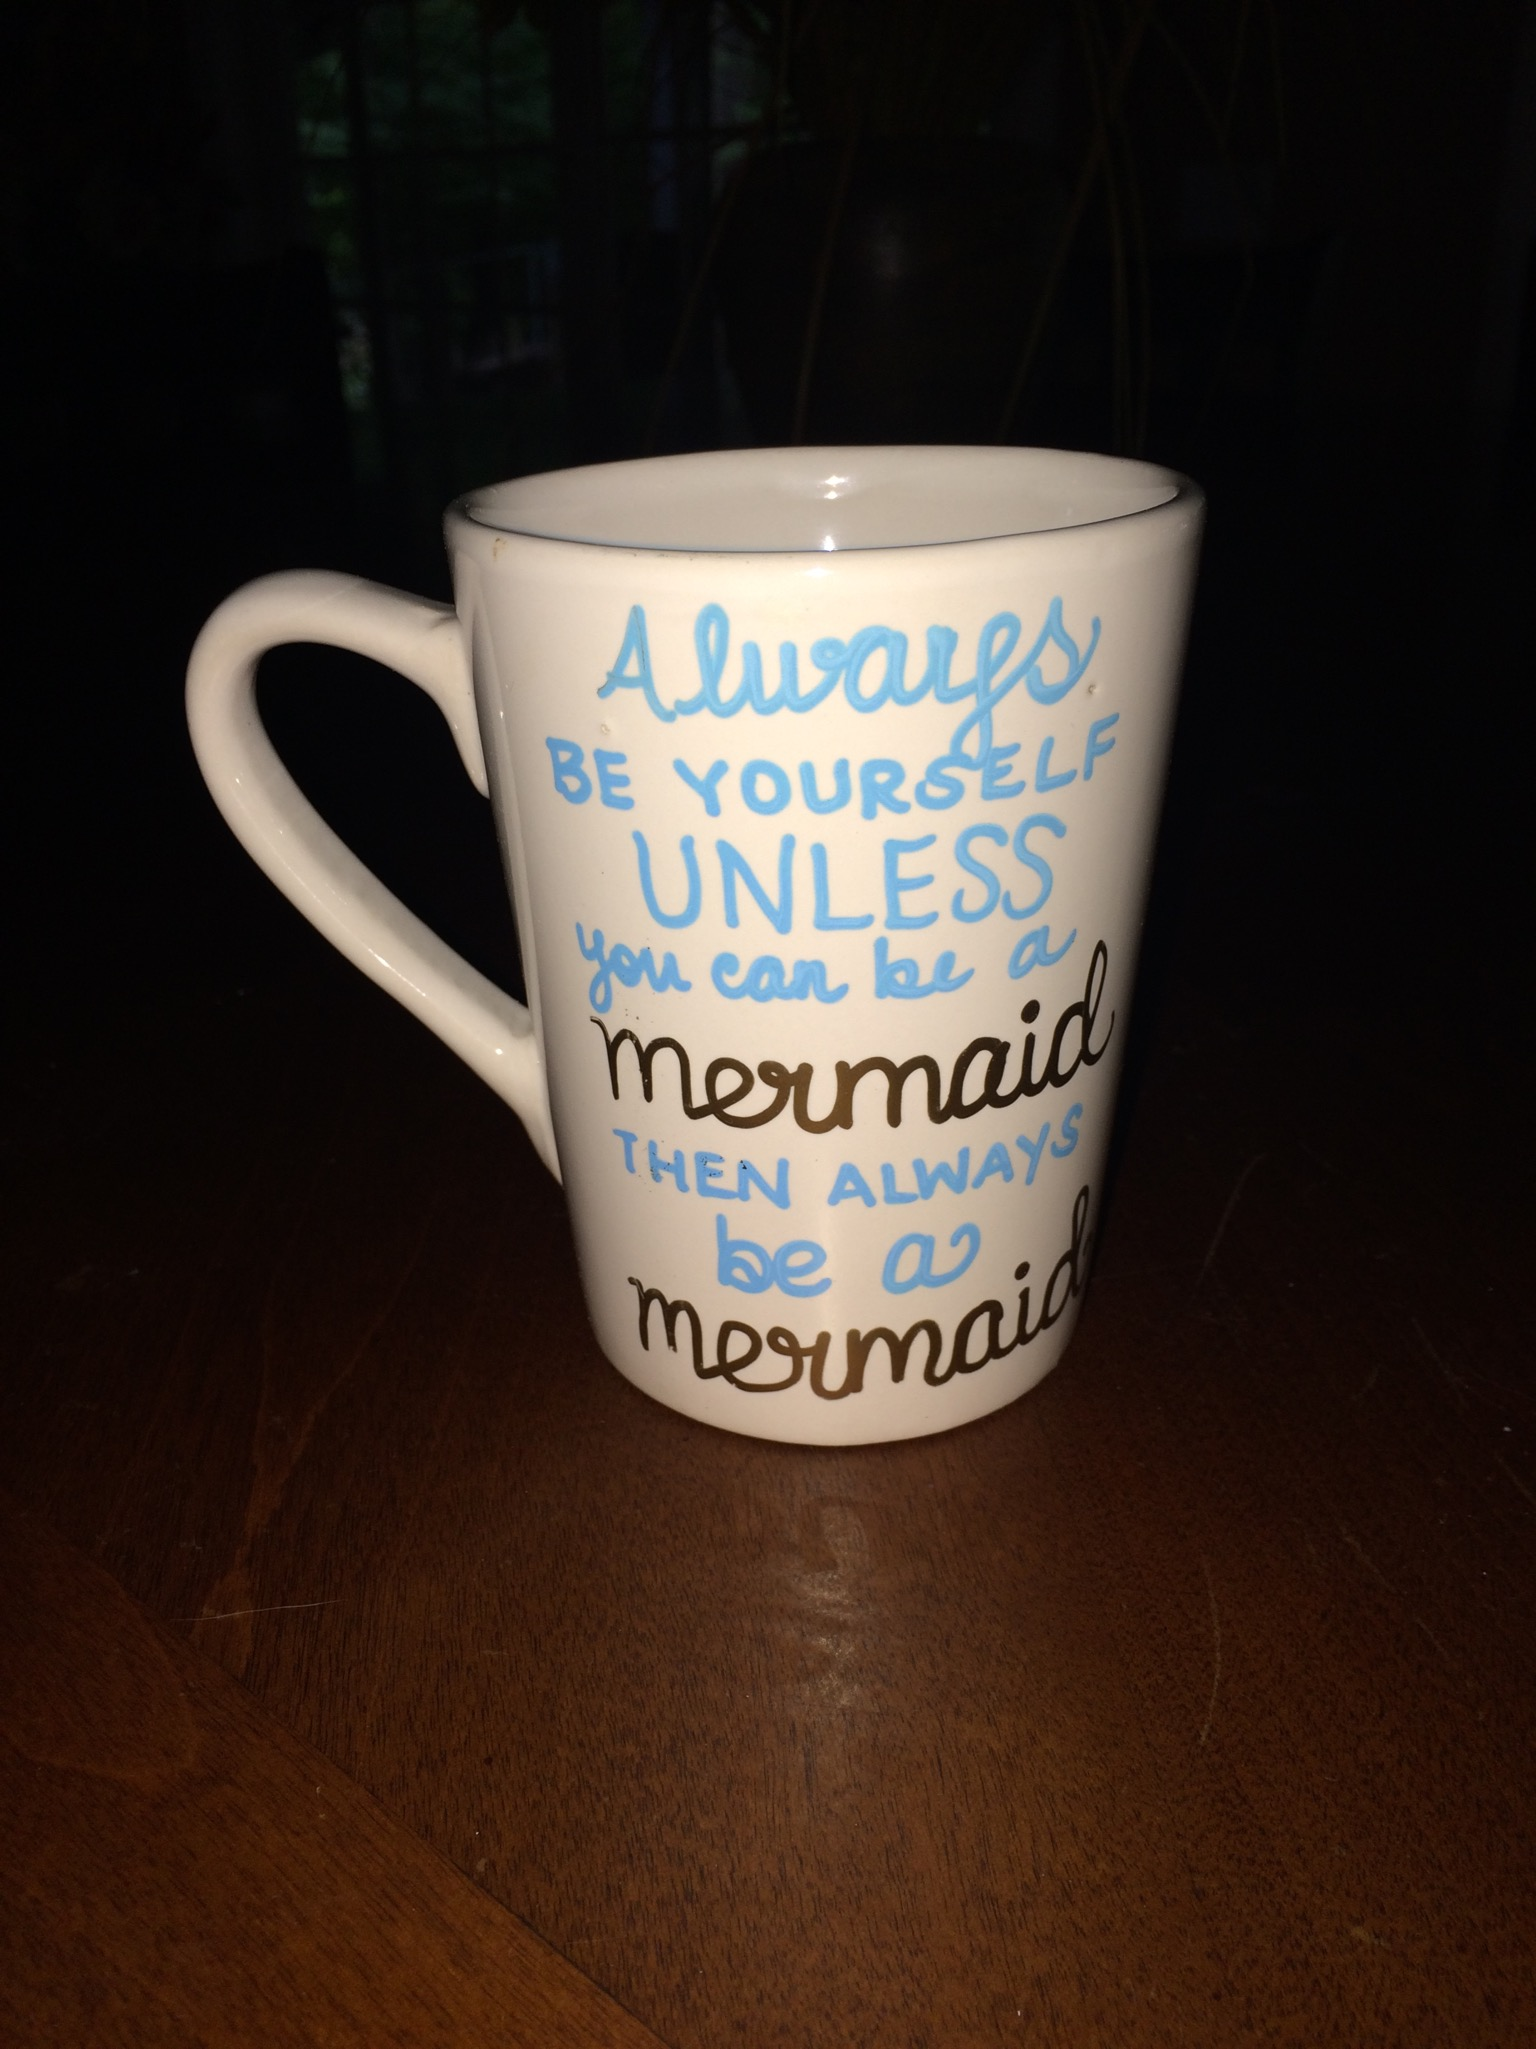 Mermaid Mug - B Boards Mug Shop